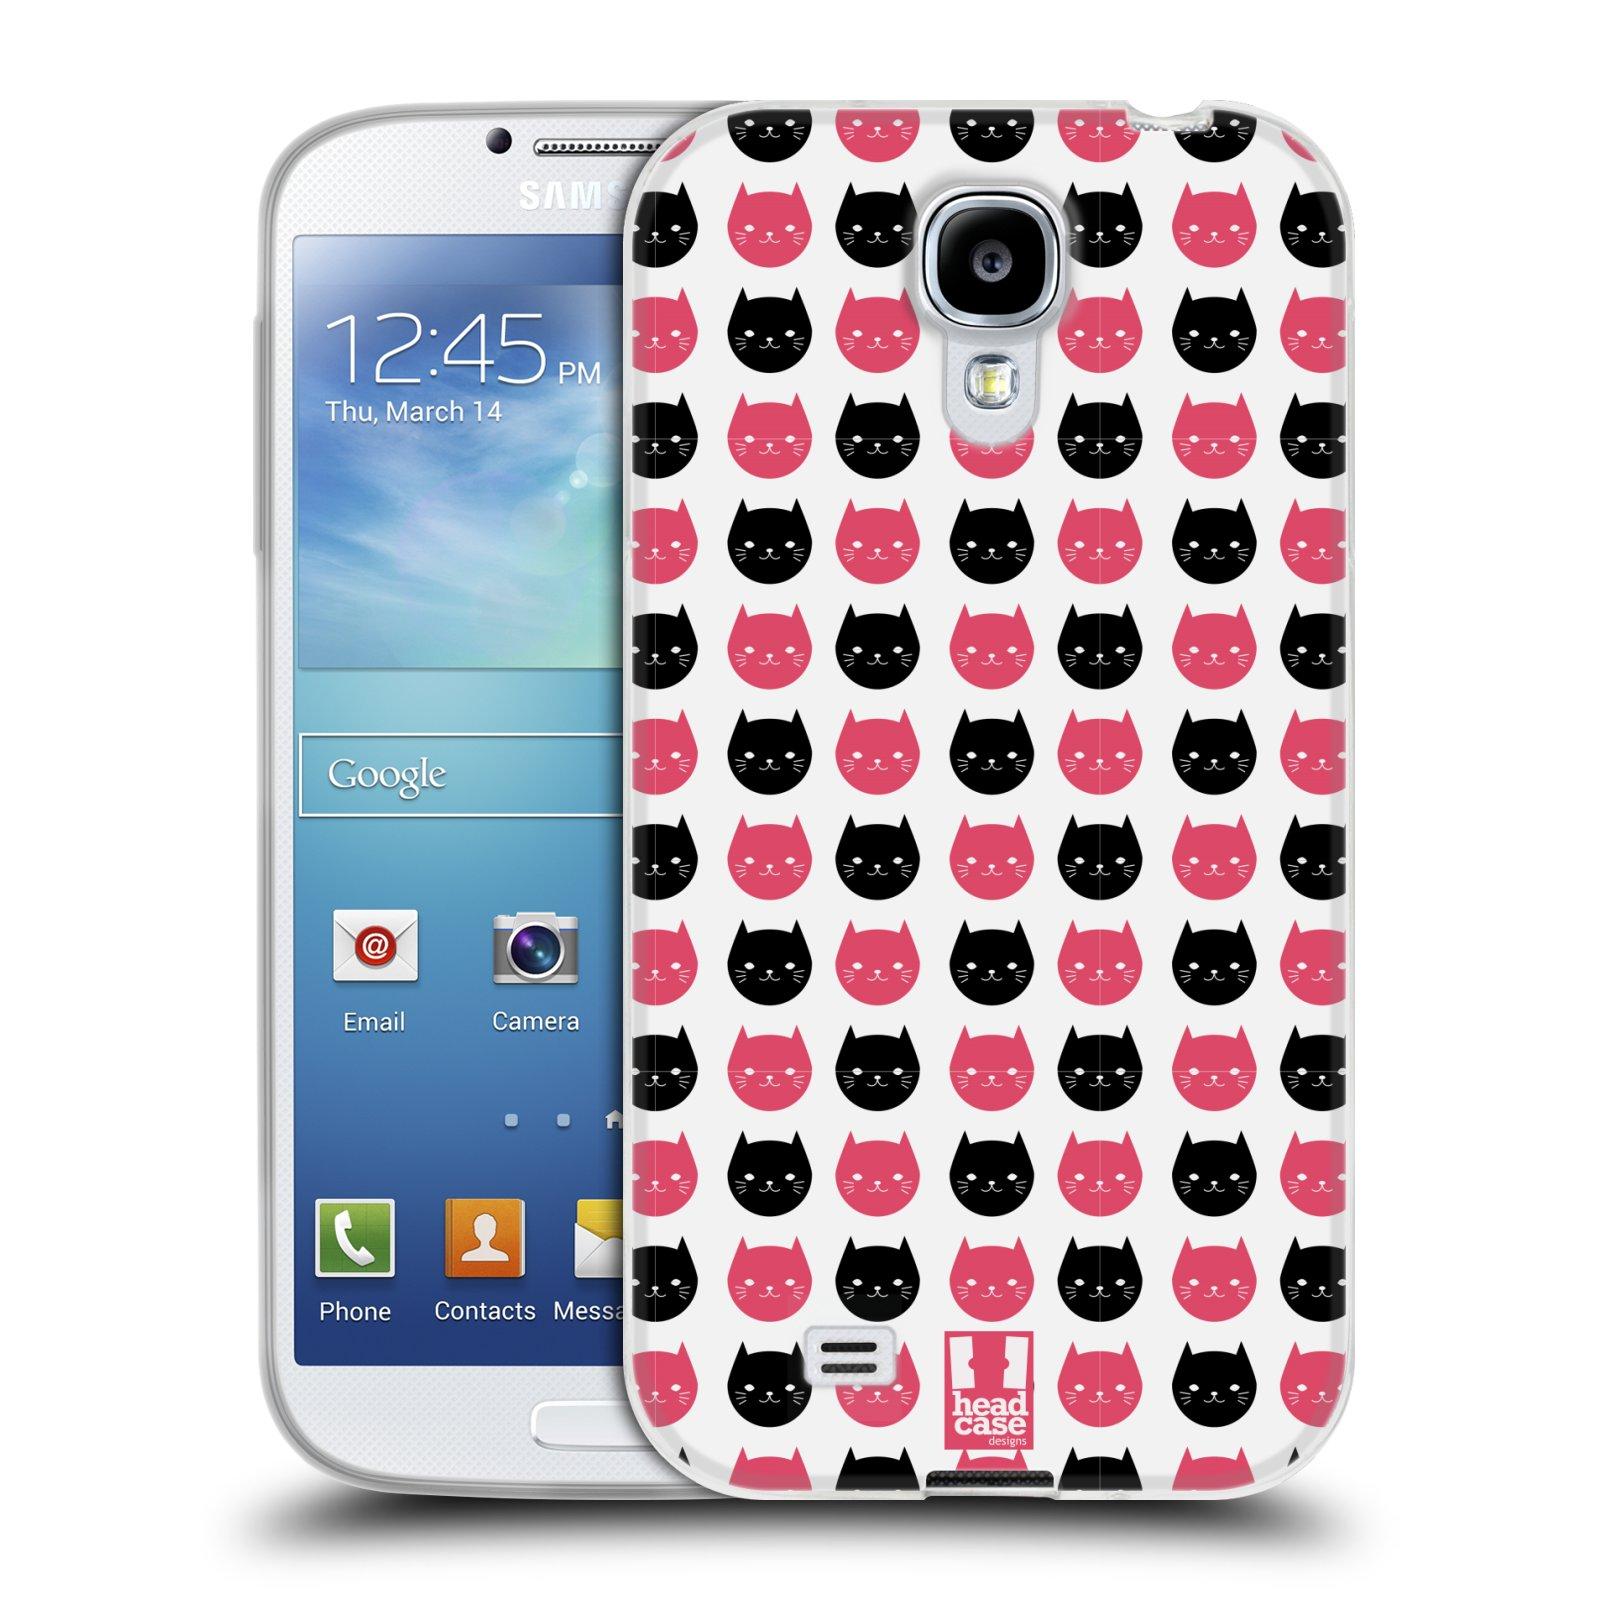 Silikonové pouzdro na mobil Samsung Galaxy S4 HEAD CASE KOČKY Black and Pink (Silikonový kryt či obal na mobilní telefon Samsung Galaxy S4 GT-i9505 / i9500)